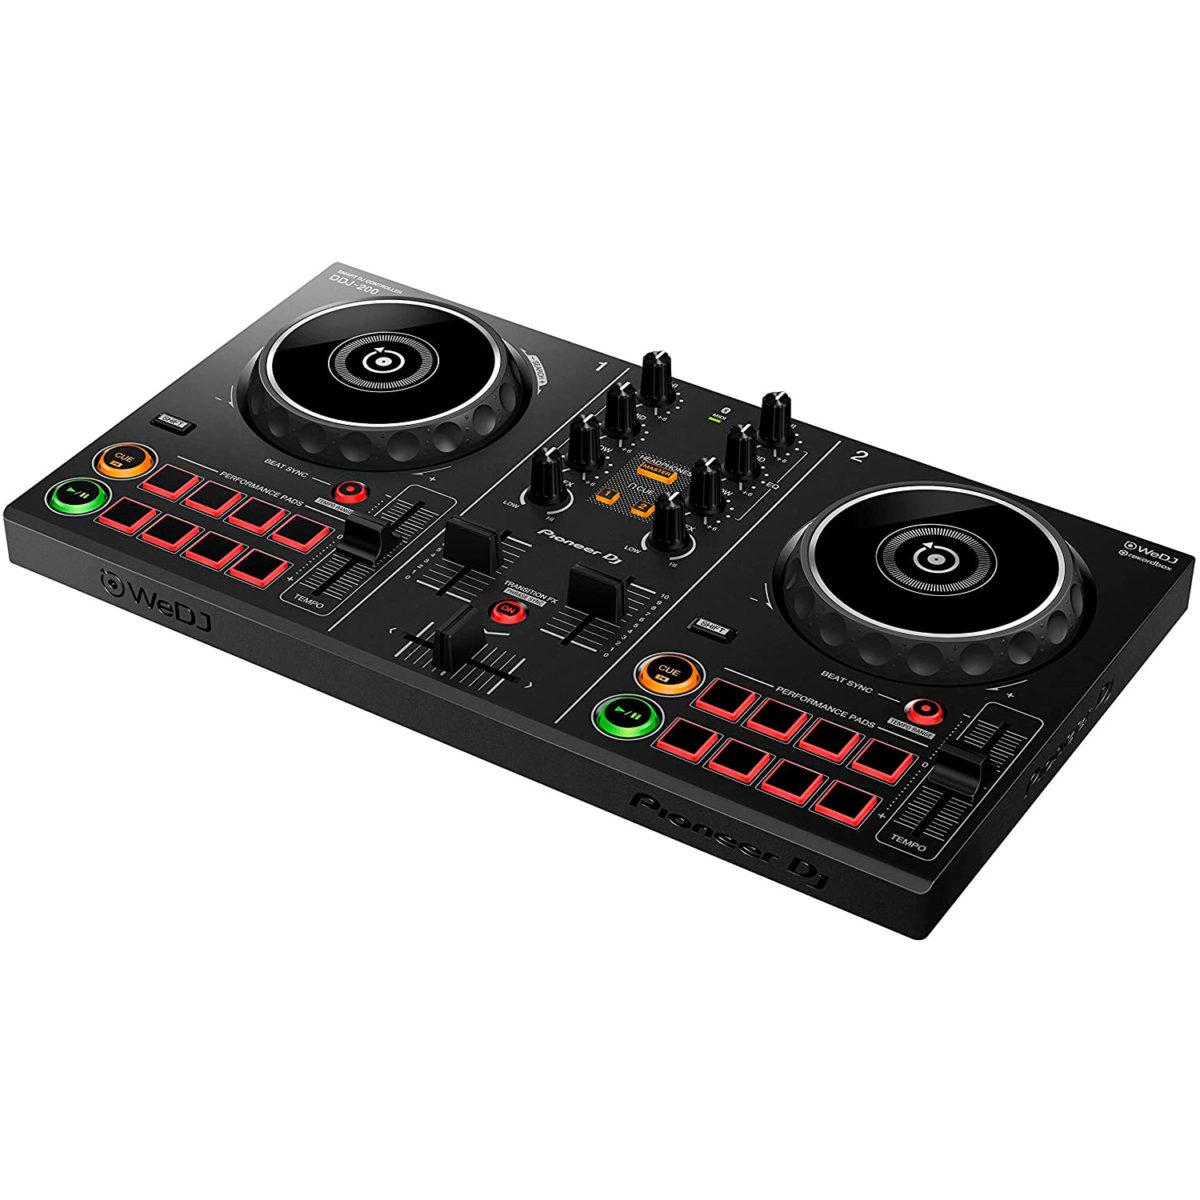 DDJ-200 PIONEER DJ